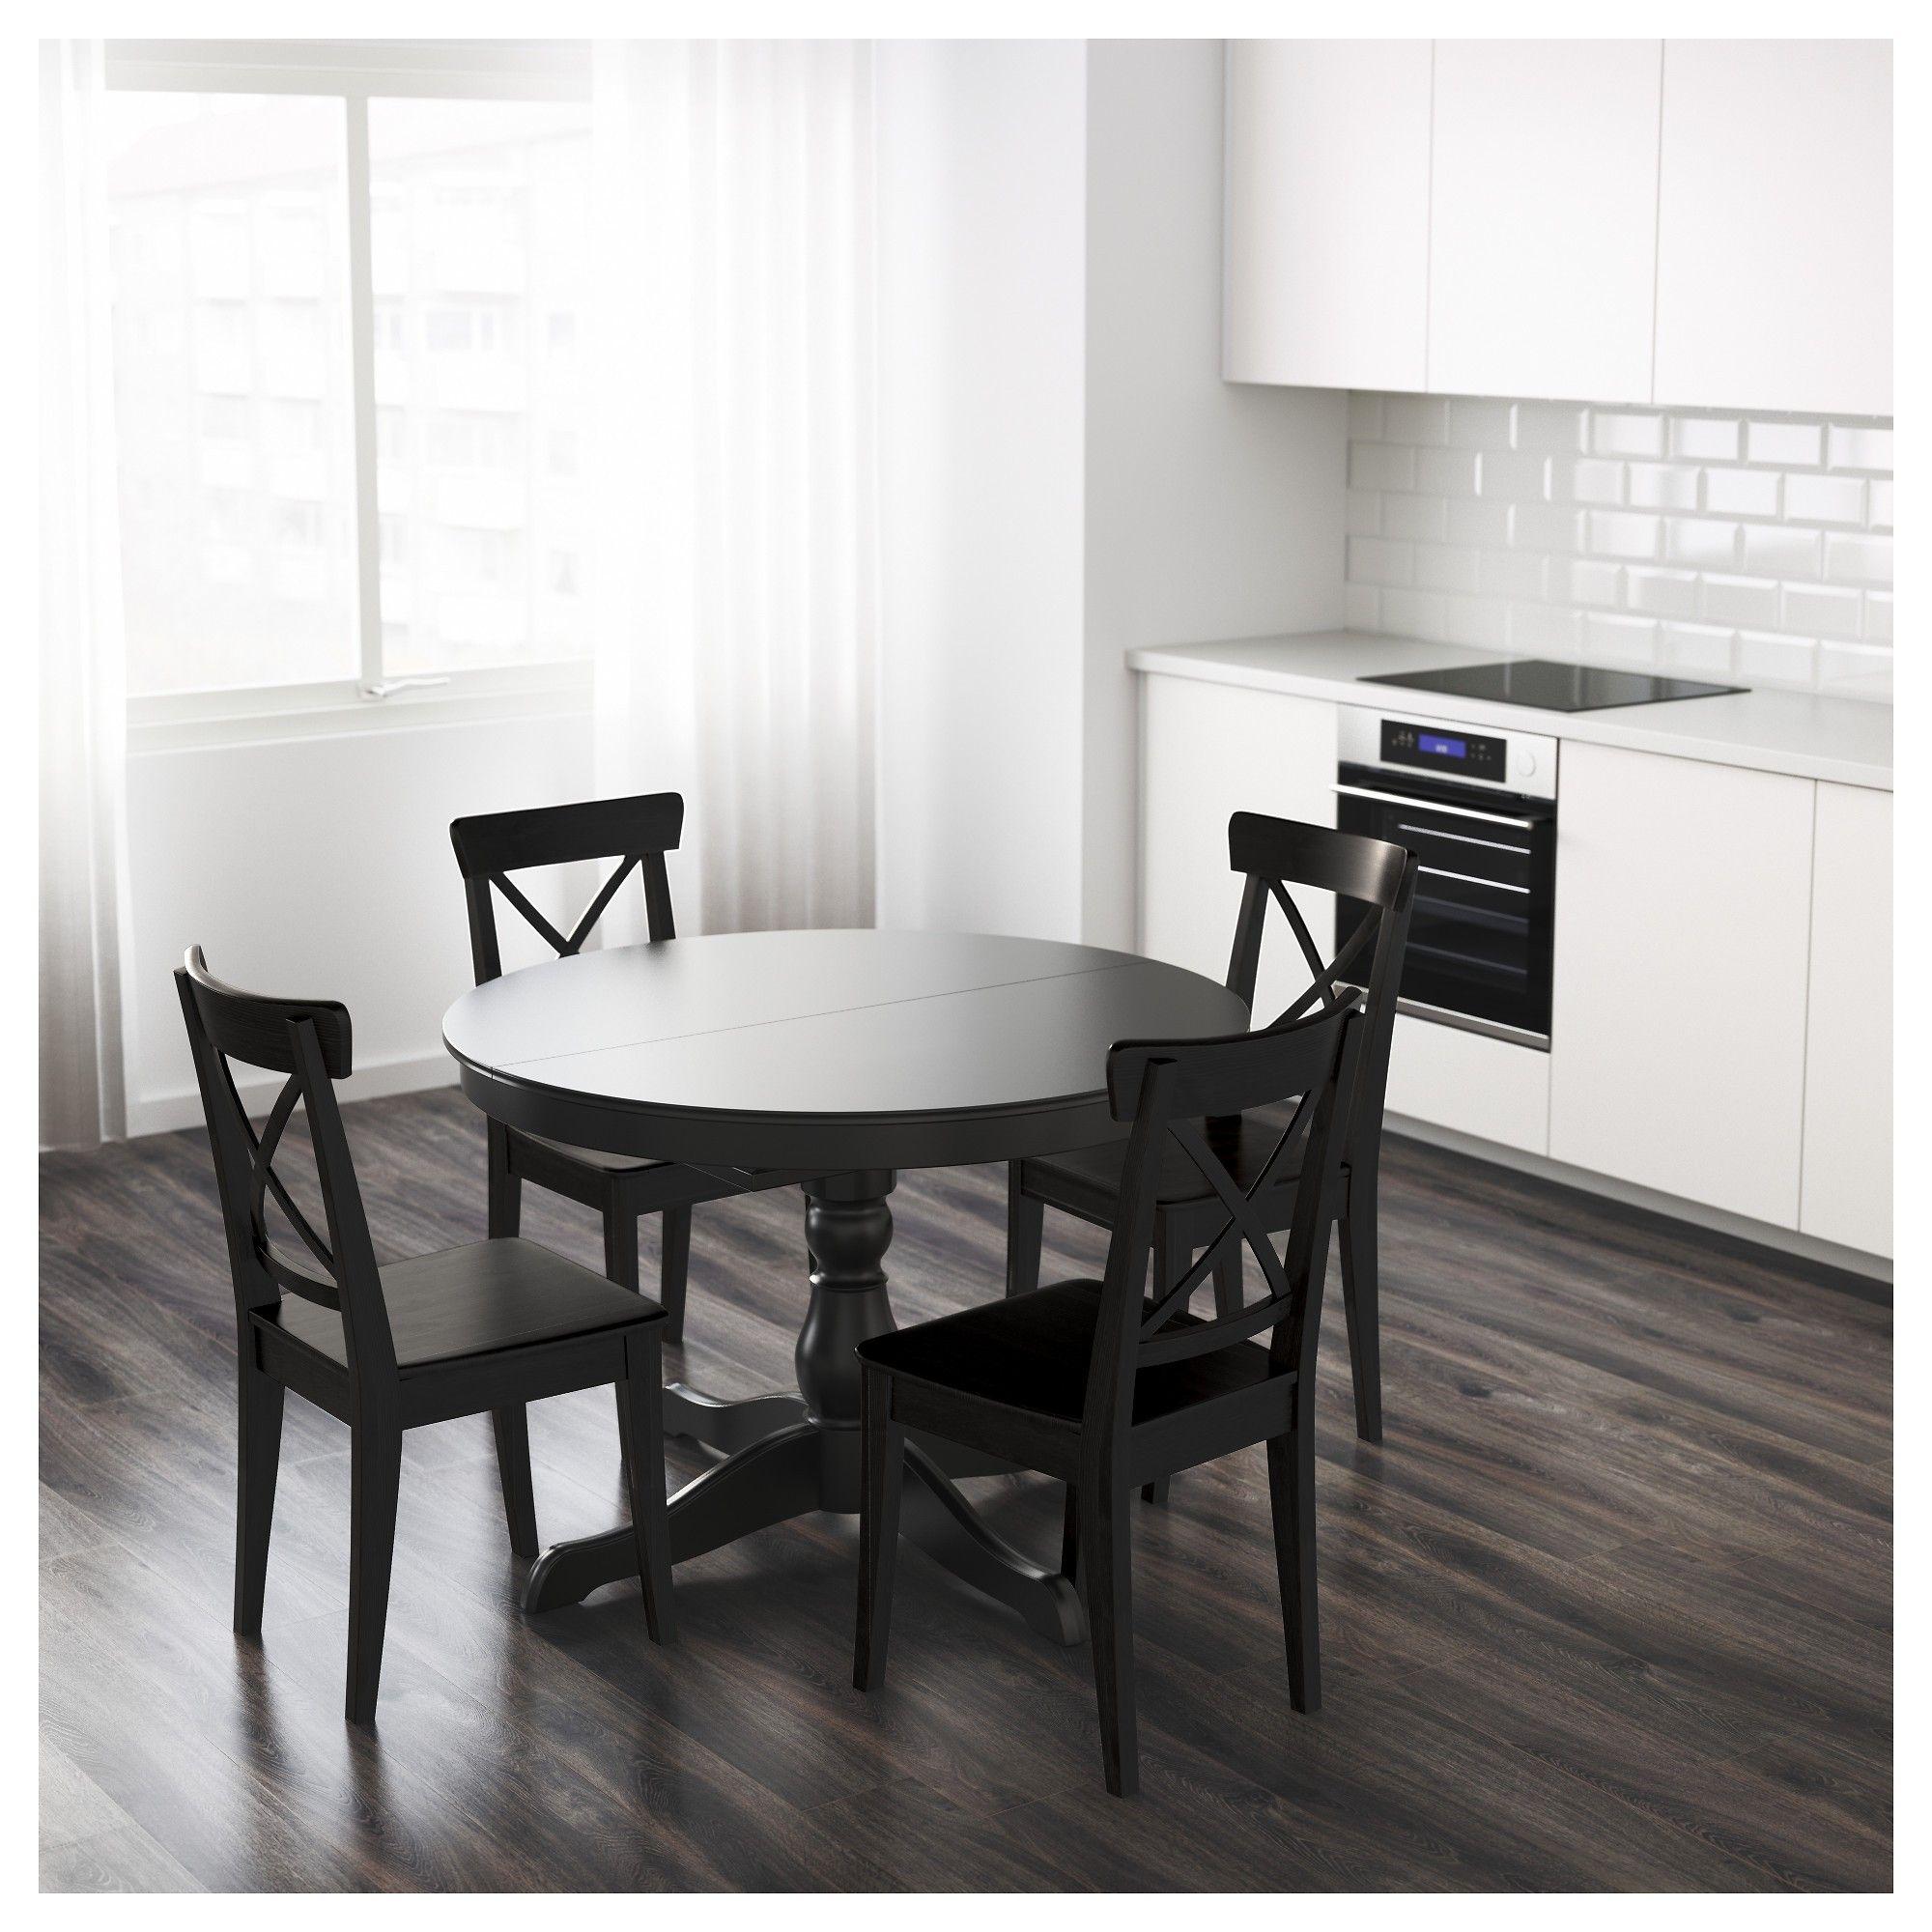 Ikea ингаторп раздвижной стол черный 110155 см 80217072